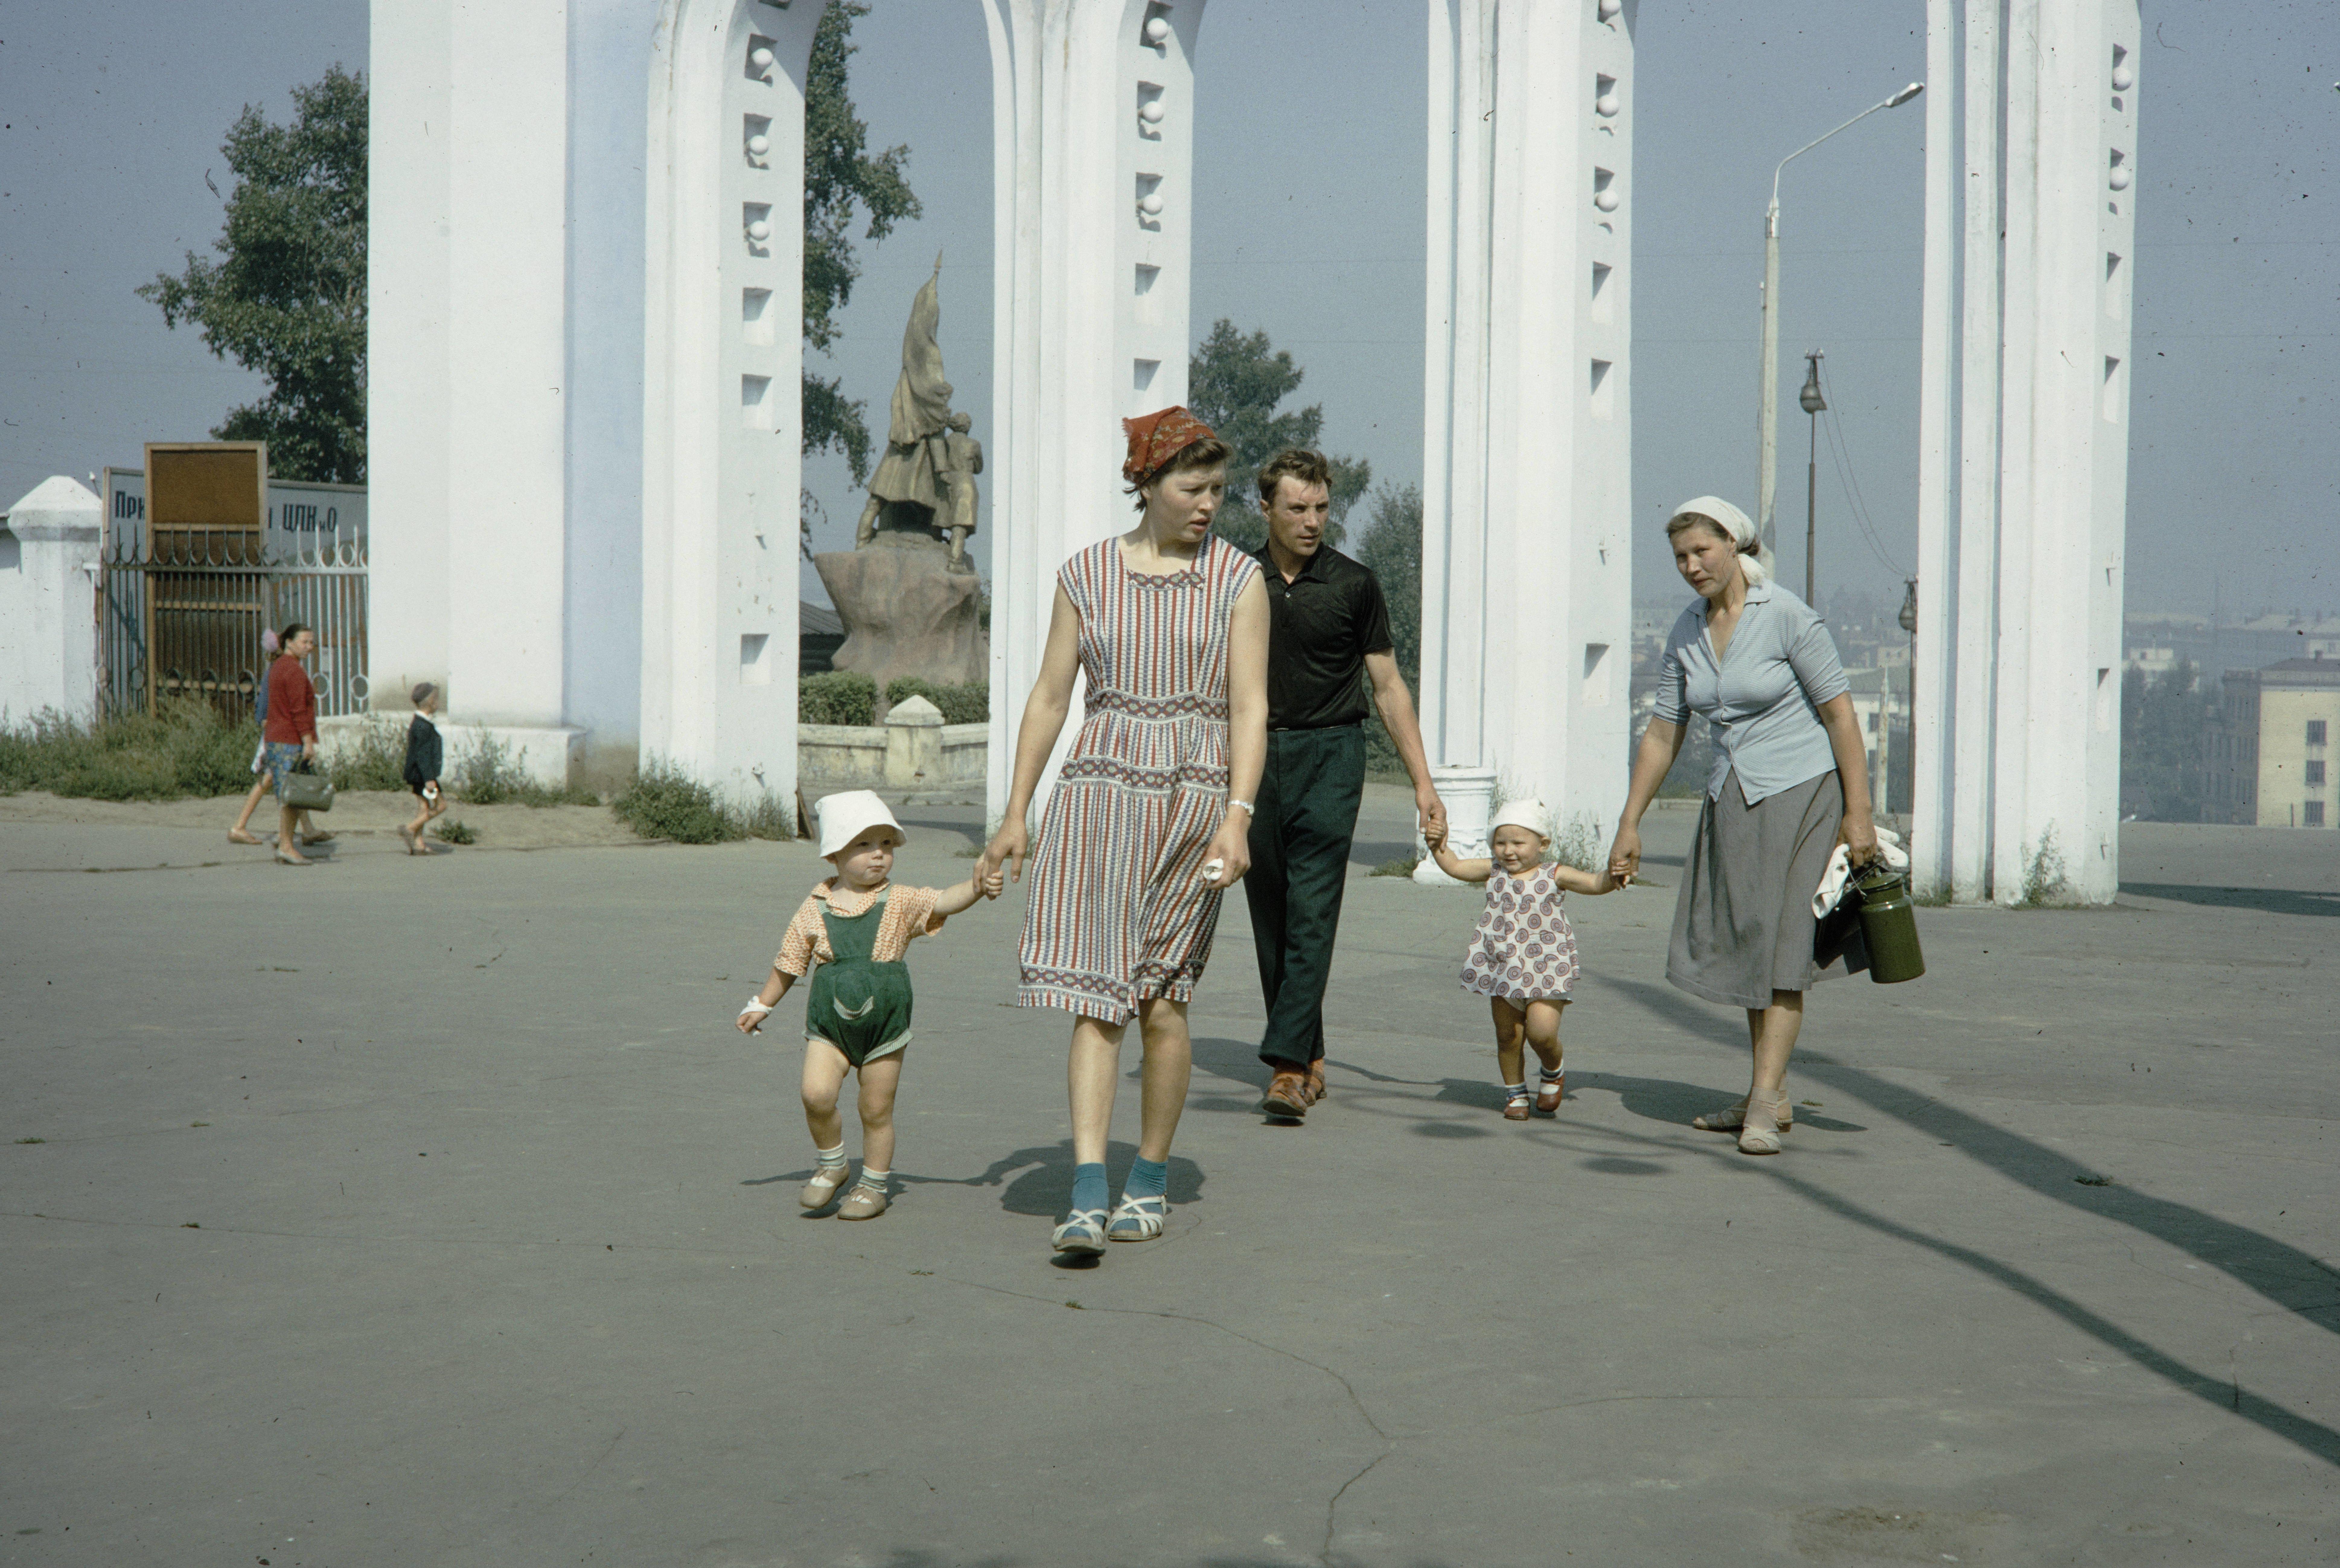 ЦПКиО. Вход в парк со стороны улицы Коммунаров